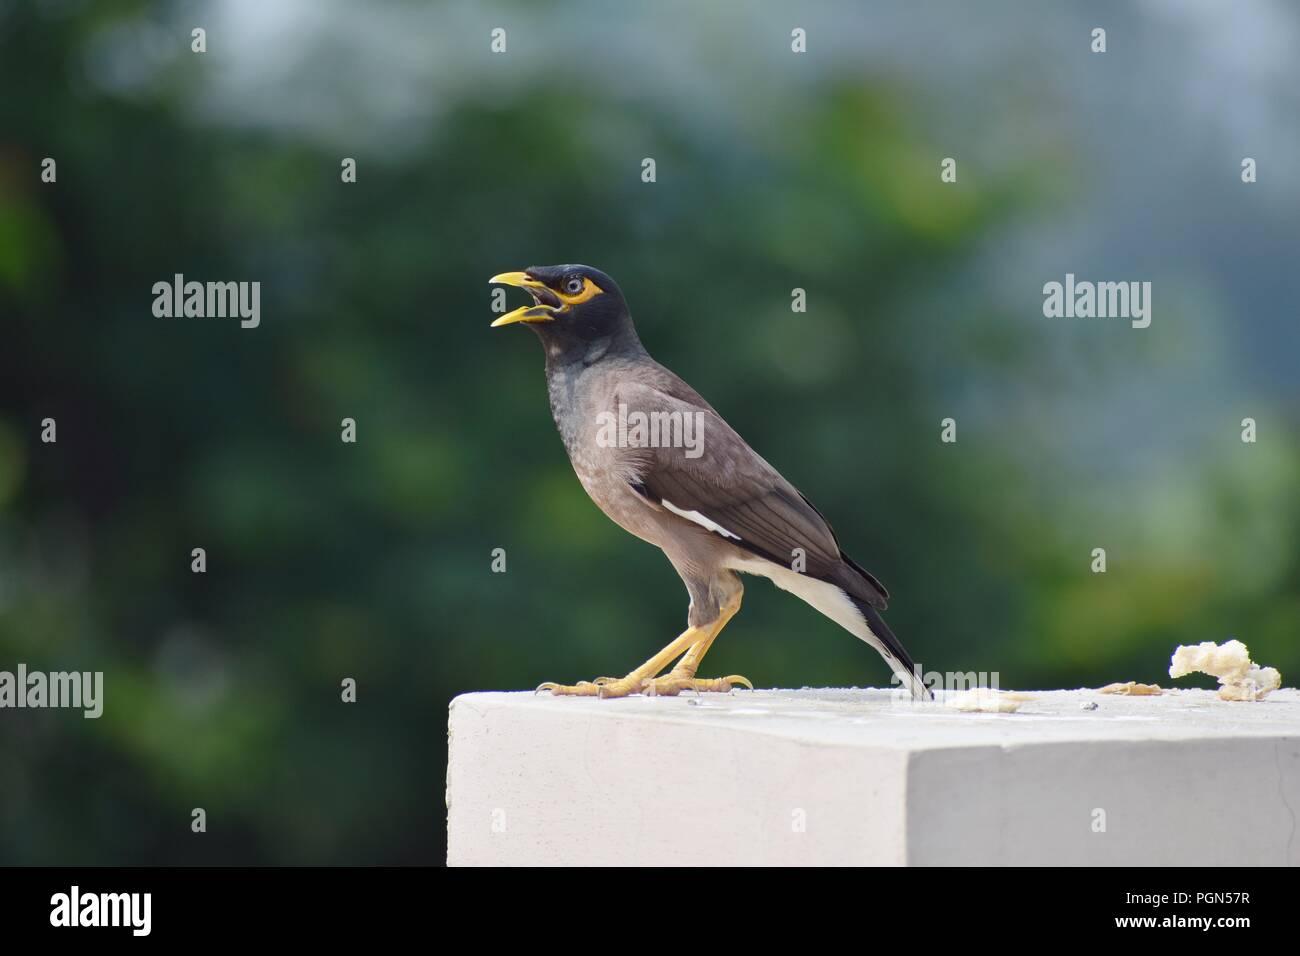 bird chirping stock photo 216824043 alamy